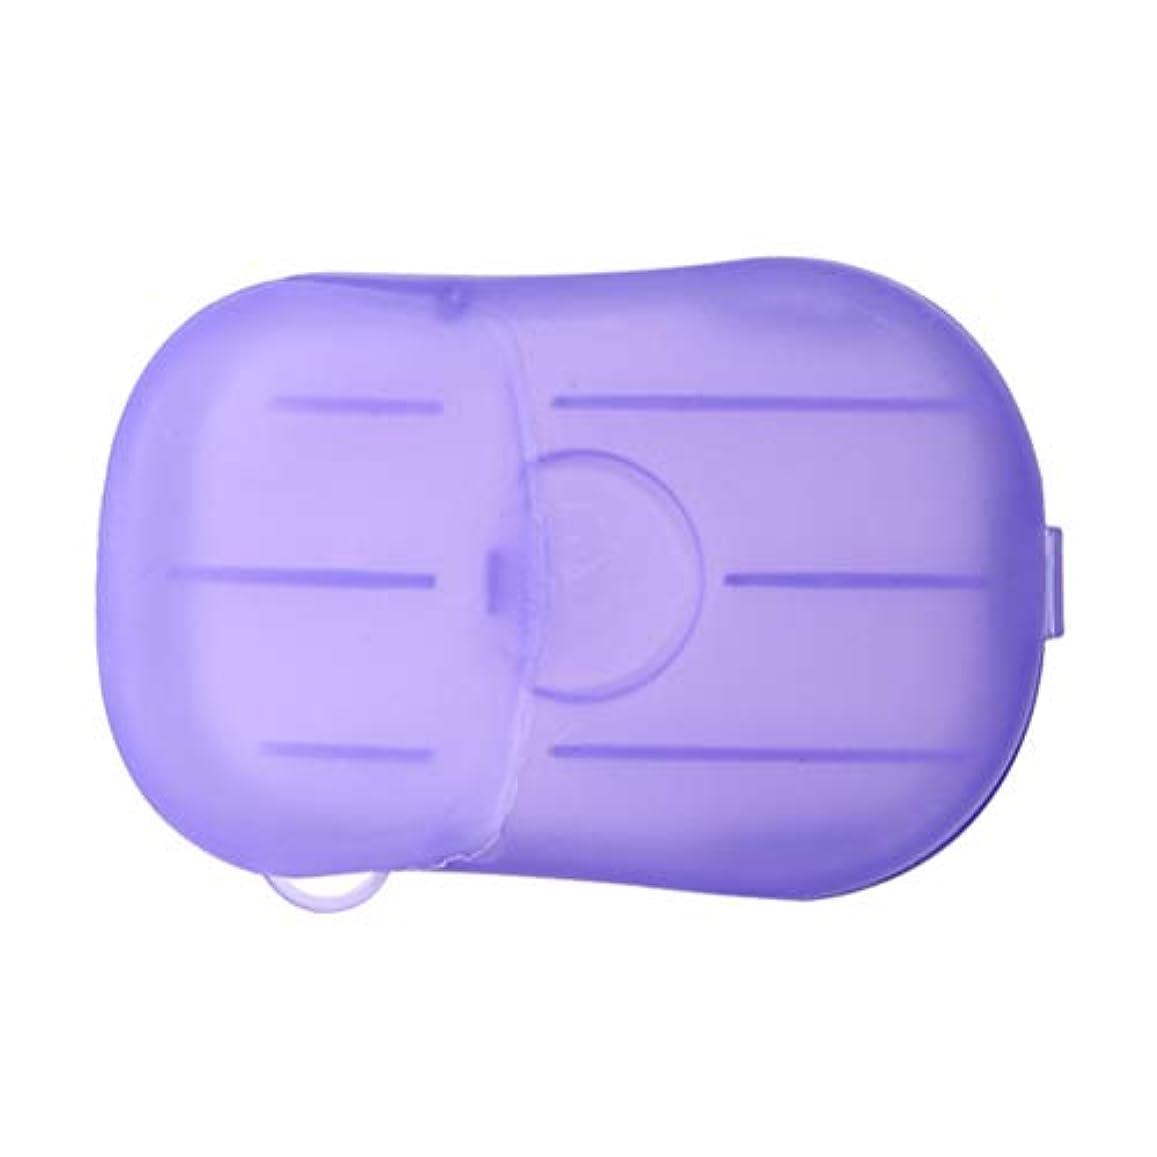 発見国旗処方LIOOBO 20ピース石鹸フレーク使い捨てクリーニングペーパーポータブルシャワー用品手洗い石鹸シーツ付きトラベルキャンプハイキング(パープル)